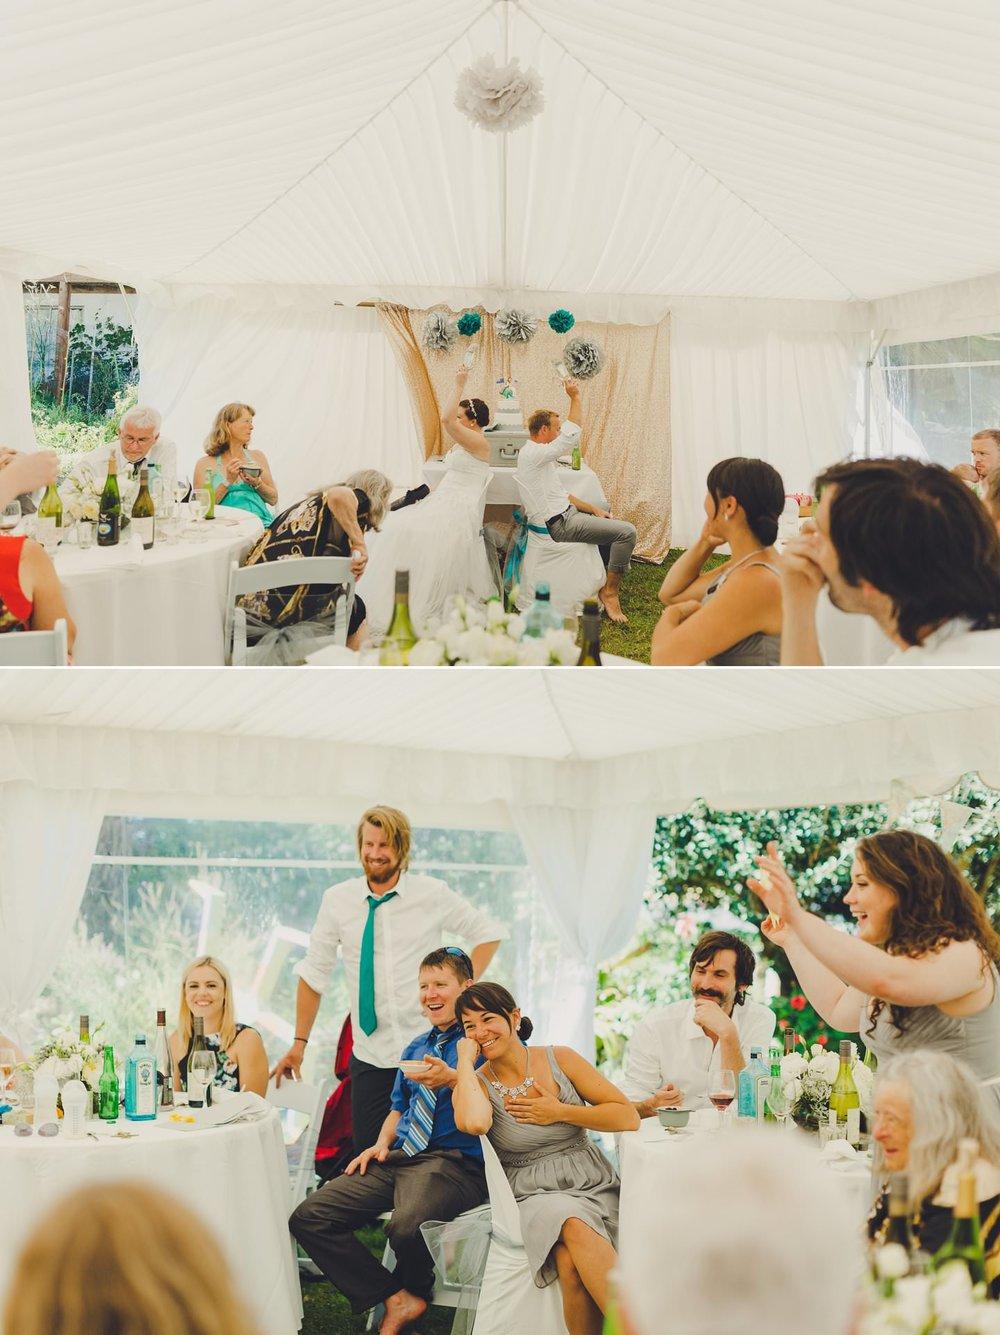 Cormomandel wedding venues